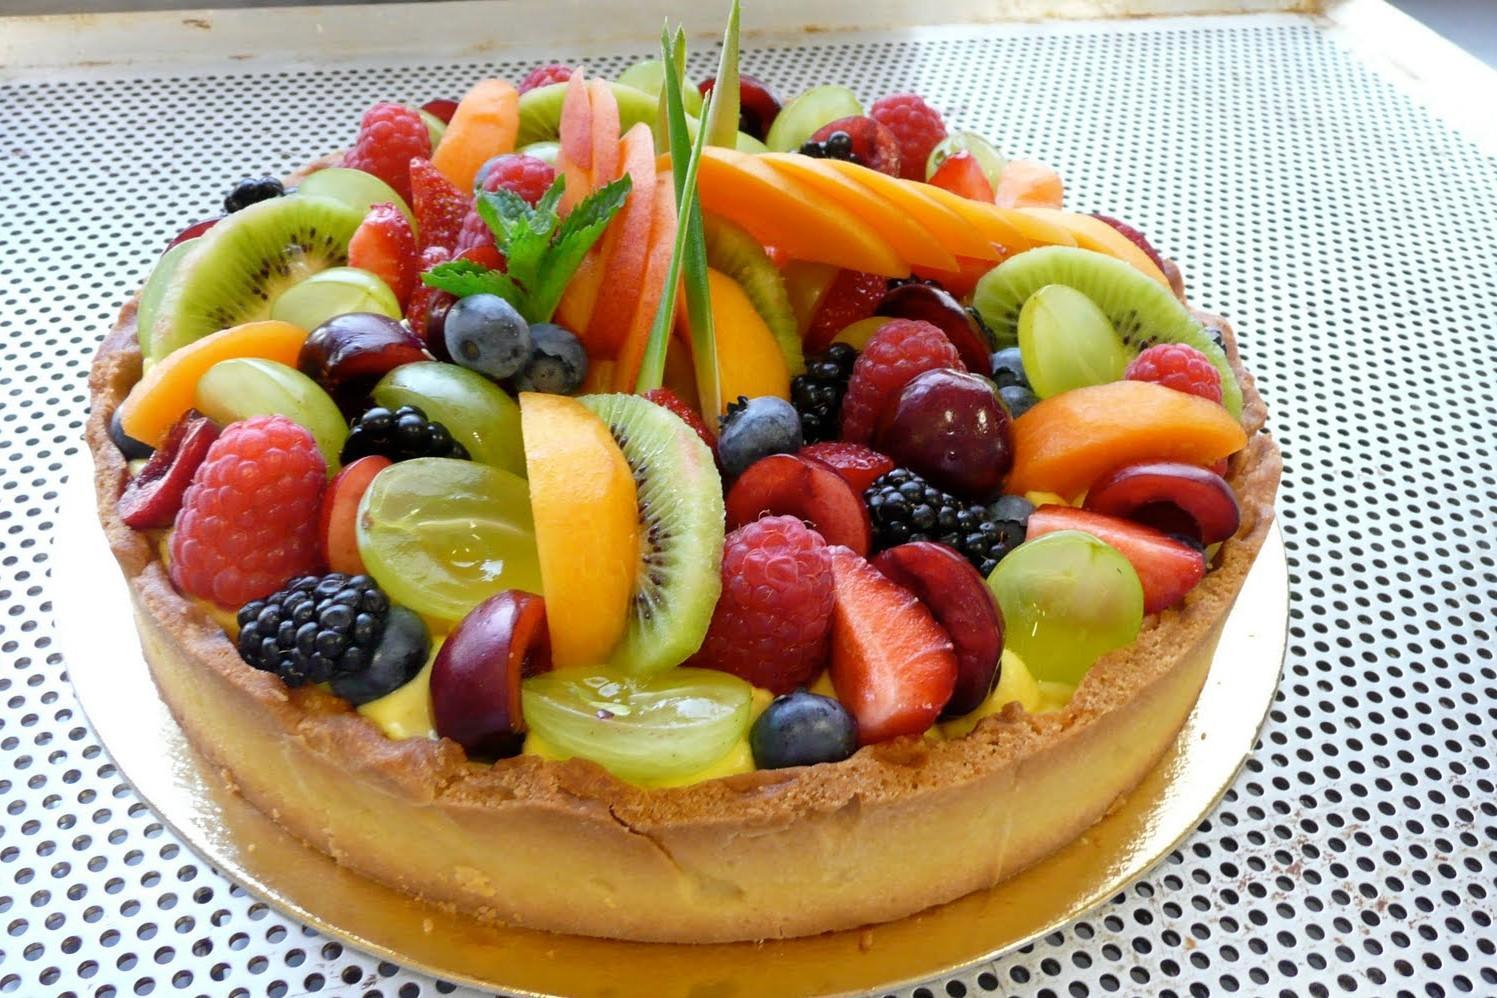 Composizioni Facili Di Frutta torta alla frutta e crema - (3.5/5)